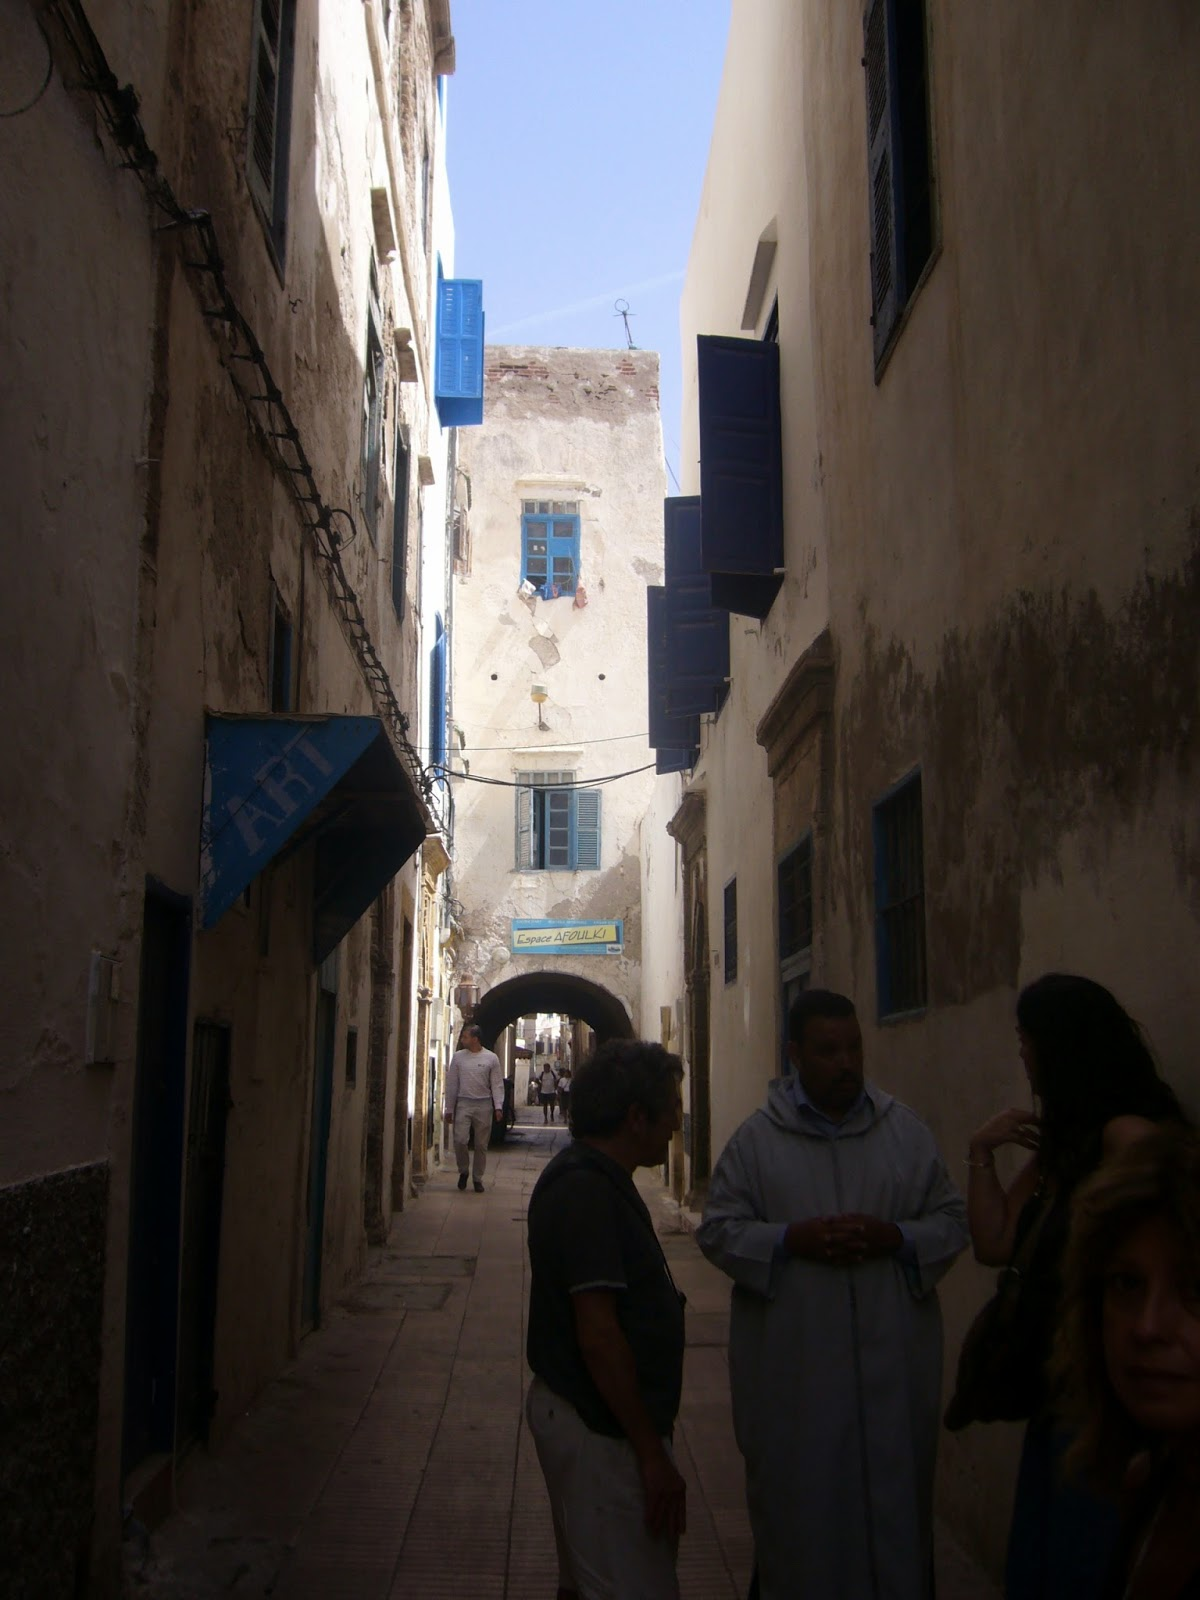 Lugares del mundo con encanto marrakech el encanto de lo - Lugares con encanto ...